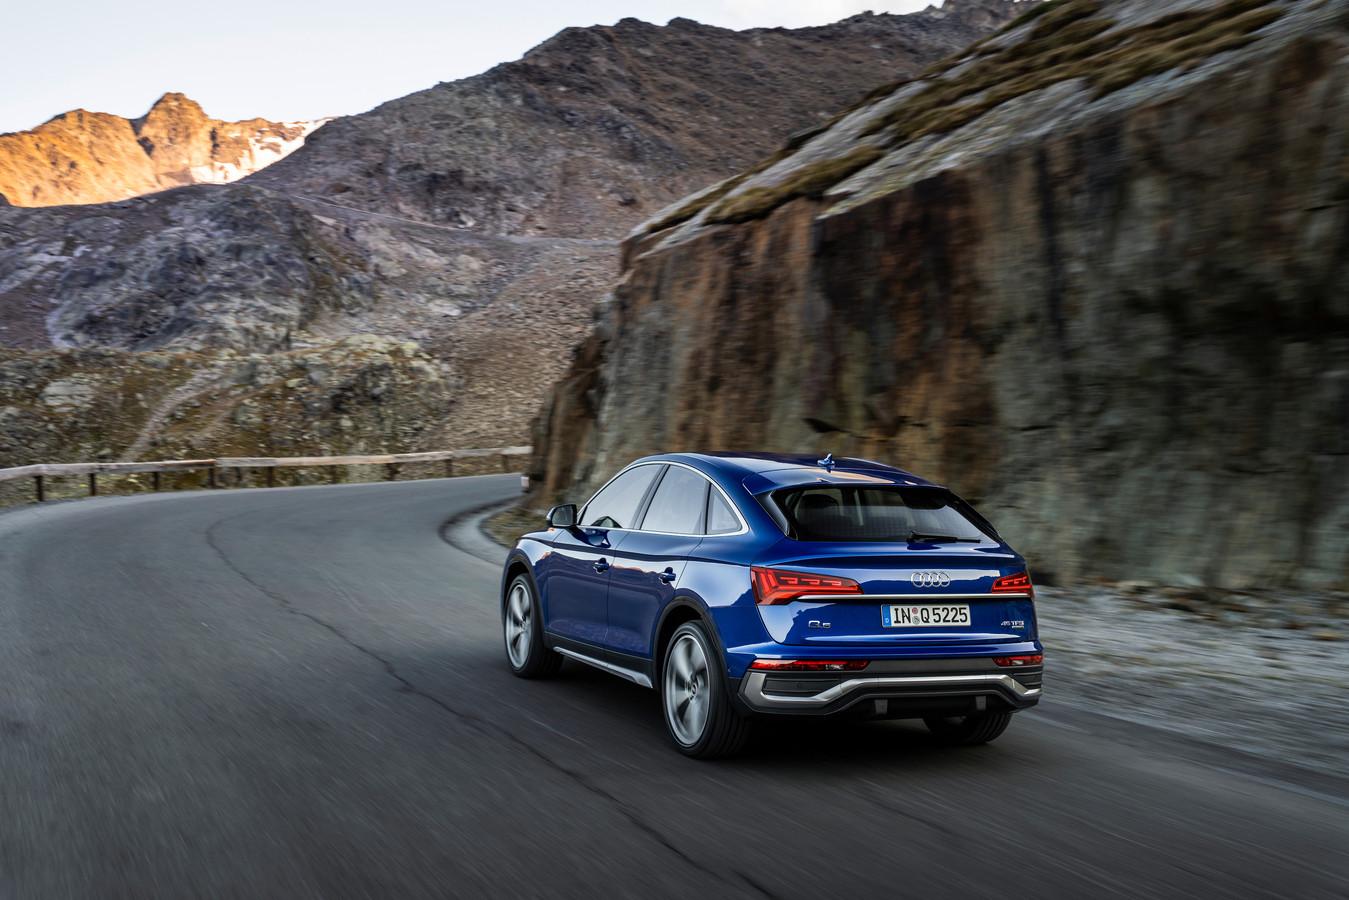 De nieuwe Audi Q5 Sportback heeft een rondere daklijn dan de standaard Q5